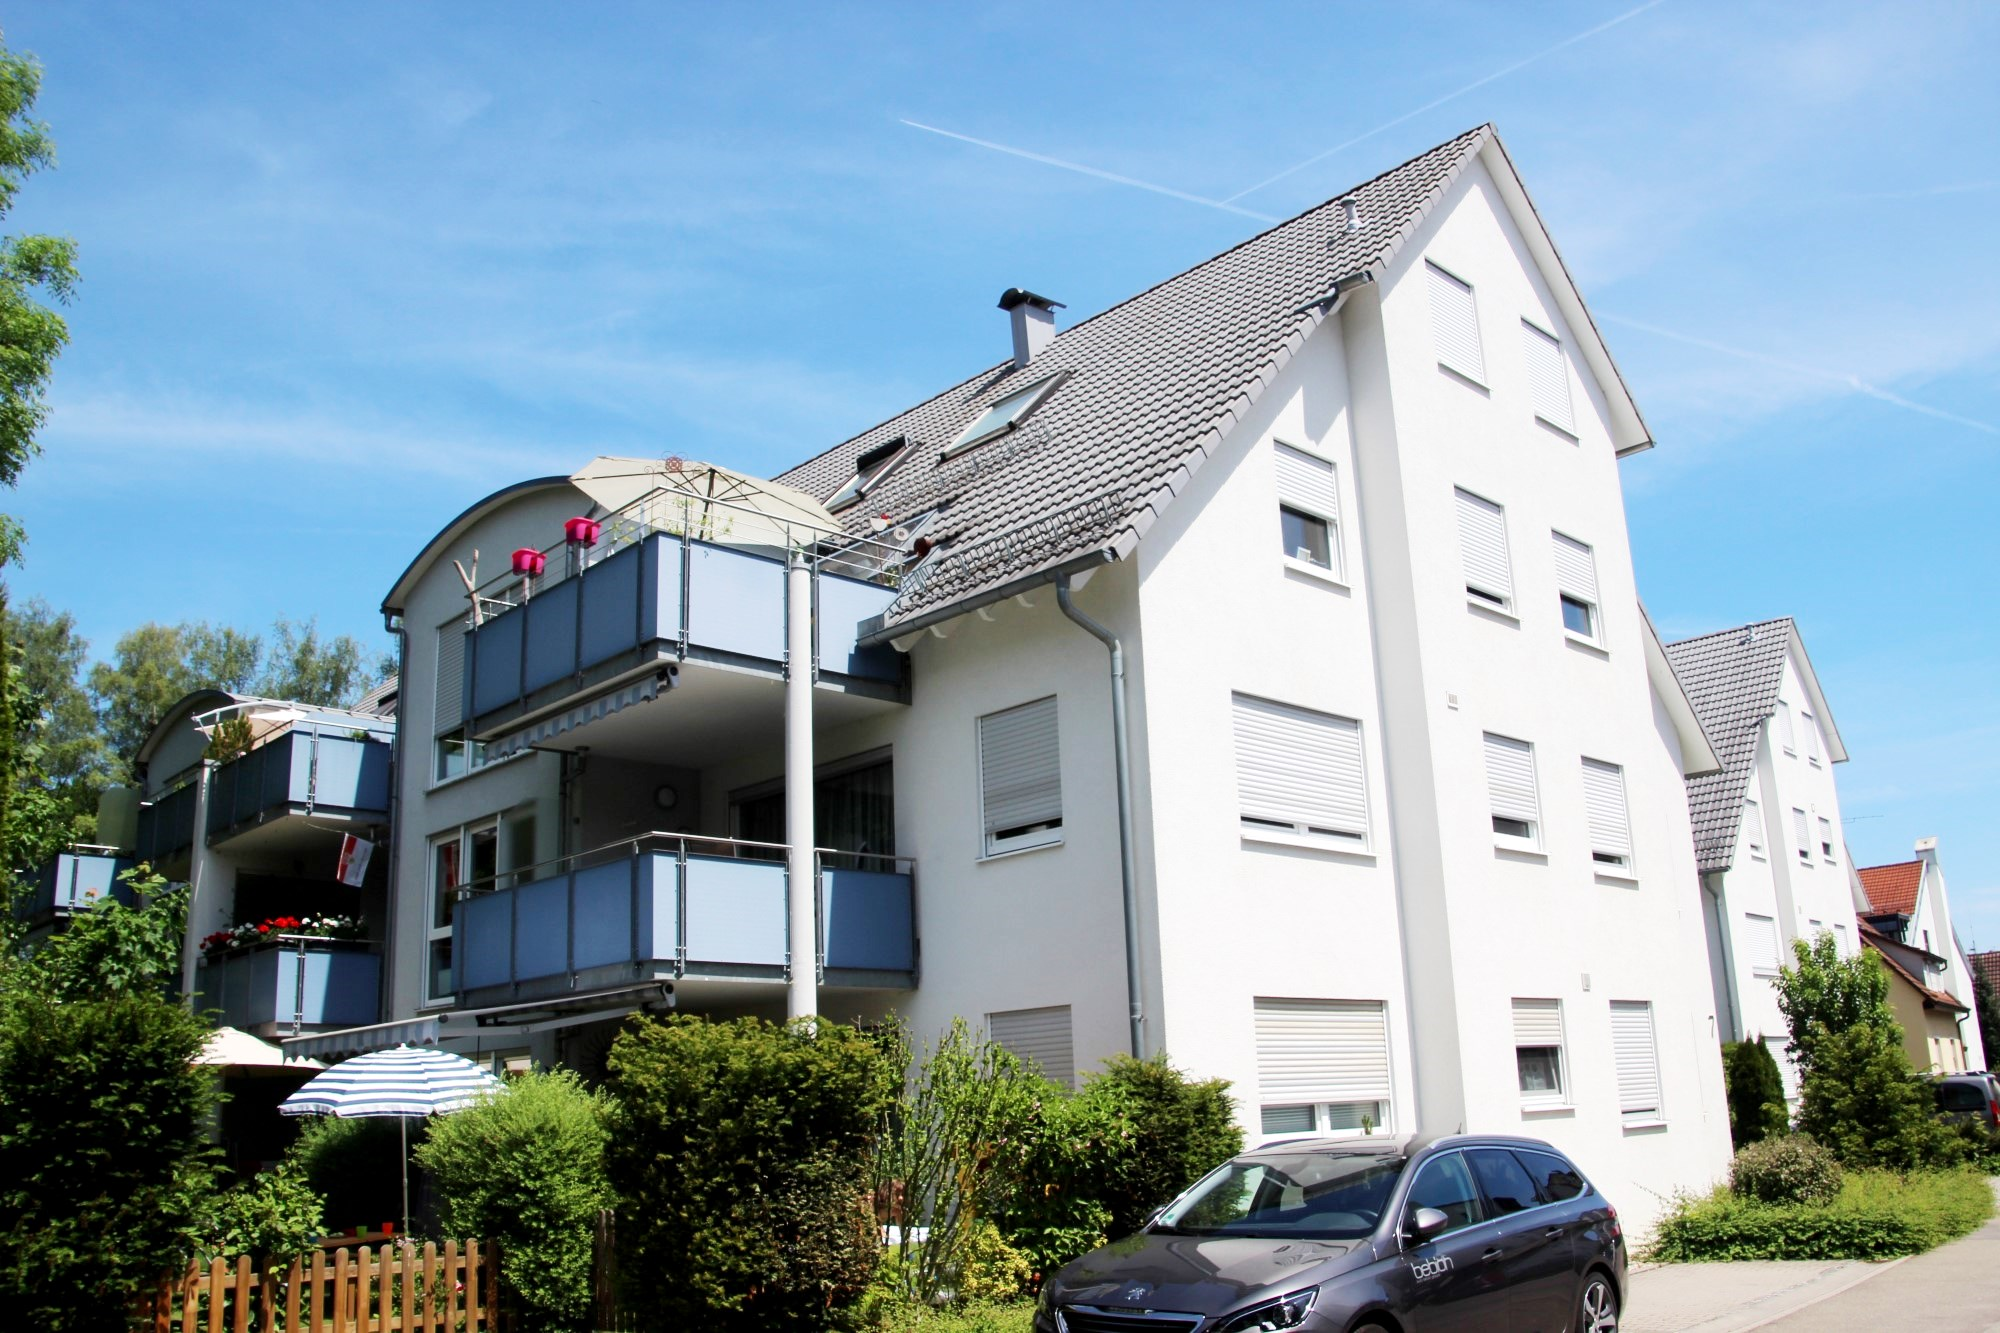 Architekturbüro Sindelfingen mehrfamilienhäuser referenzen steegmüller wohnbau magstadt